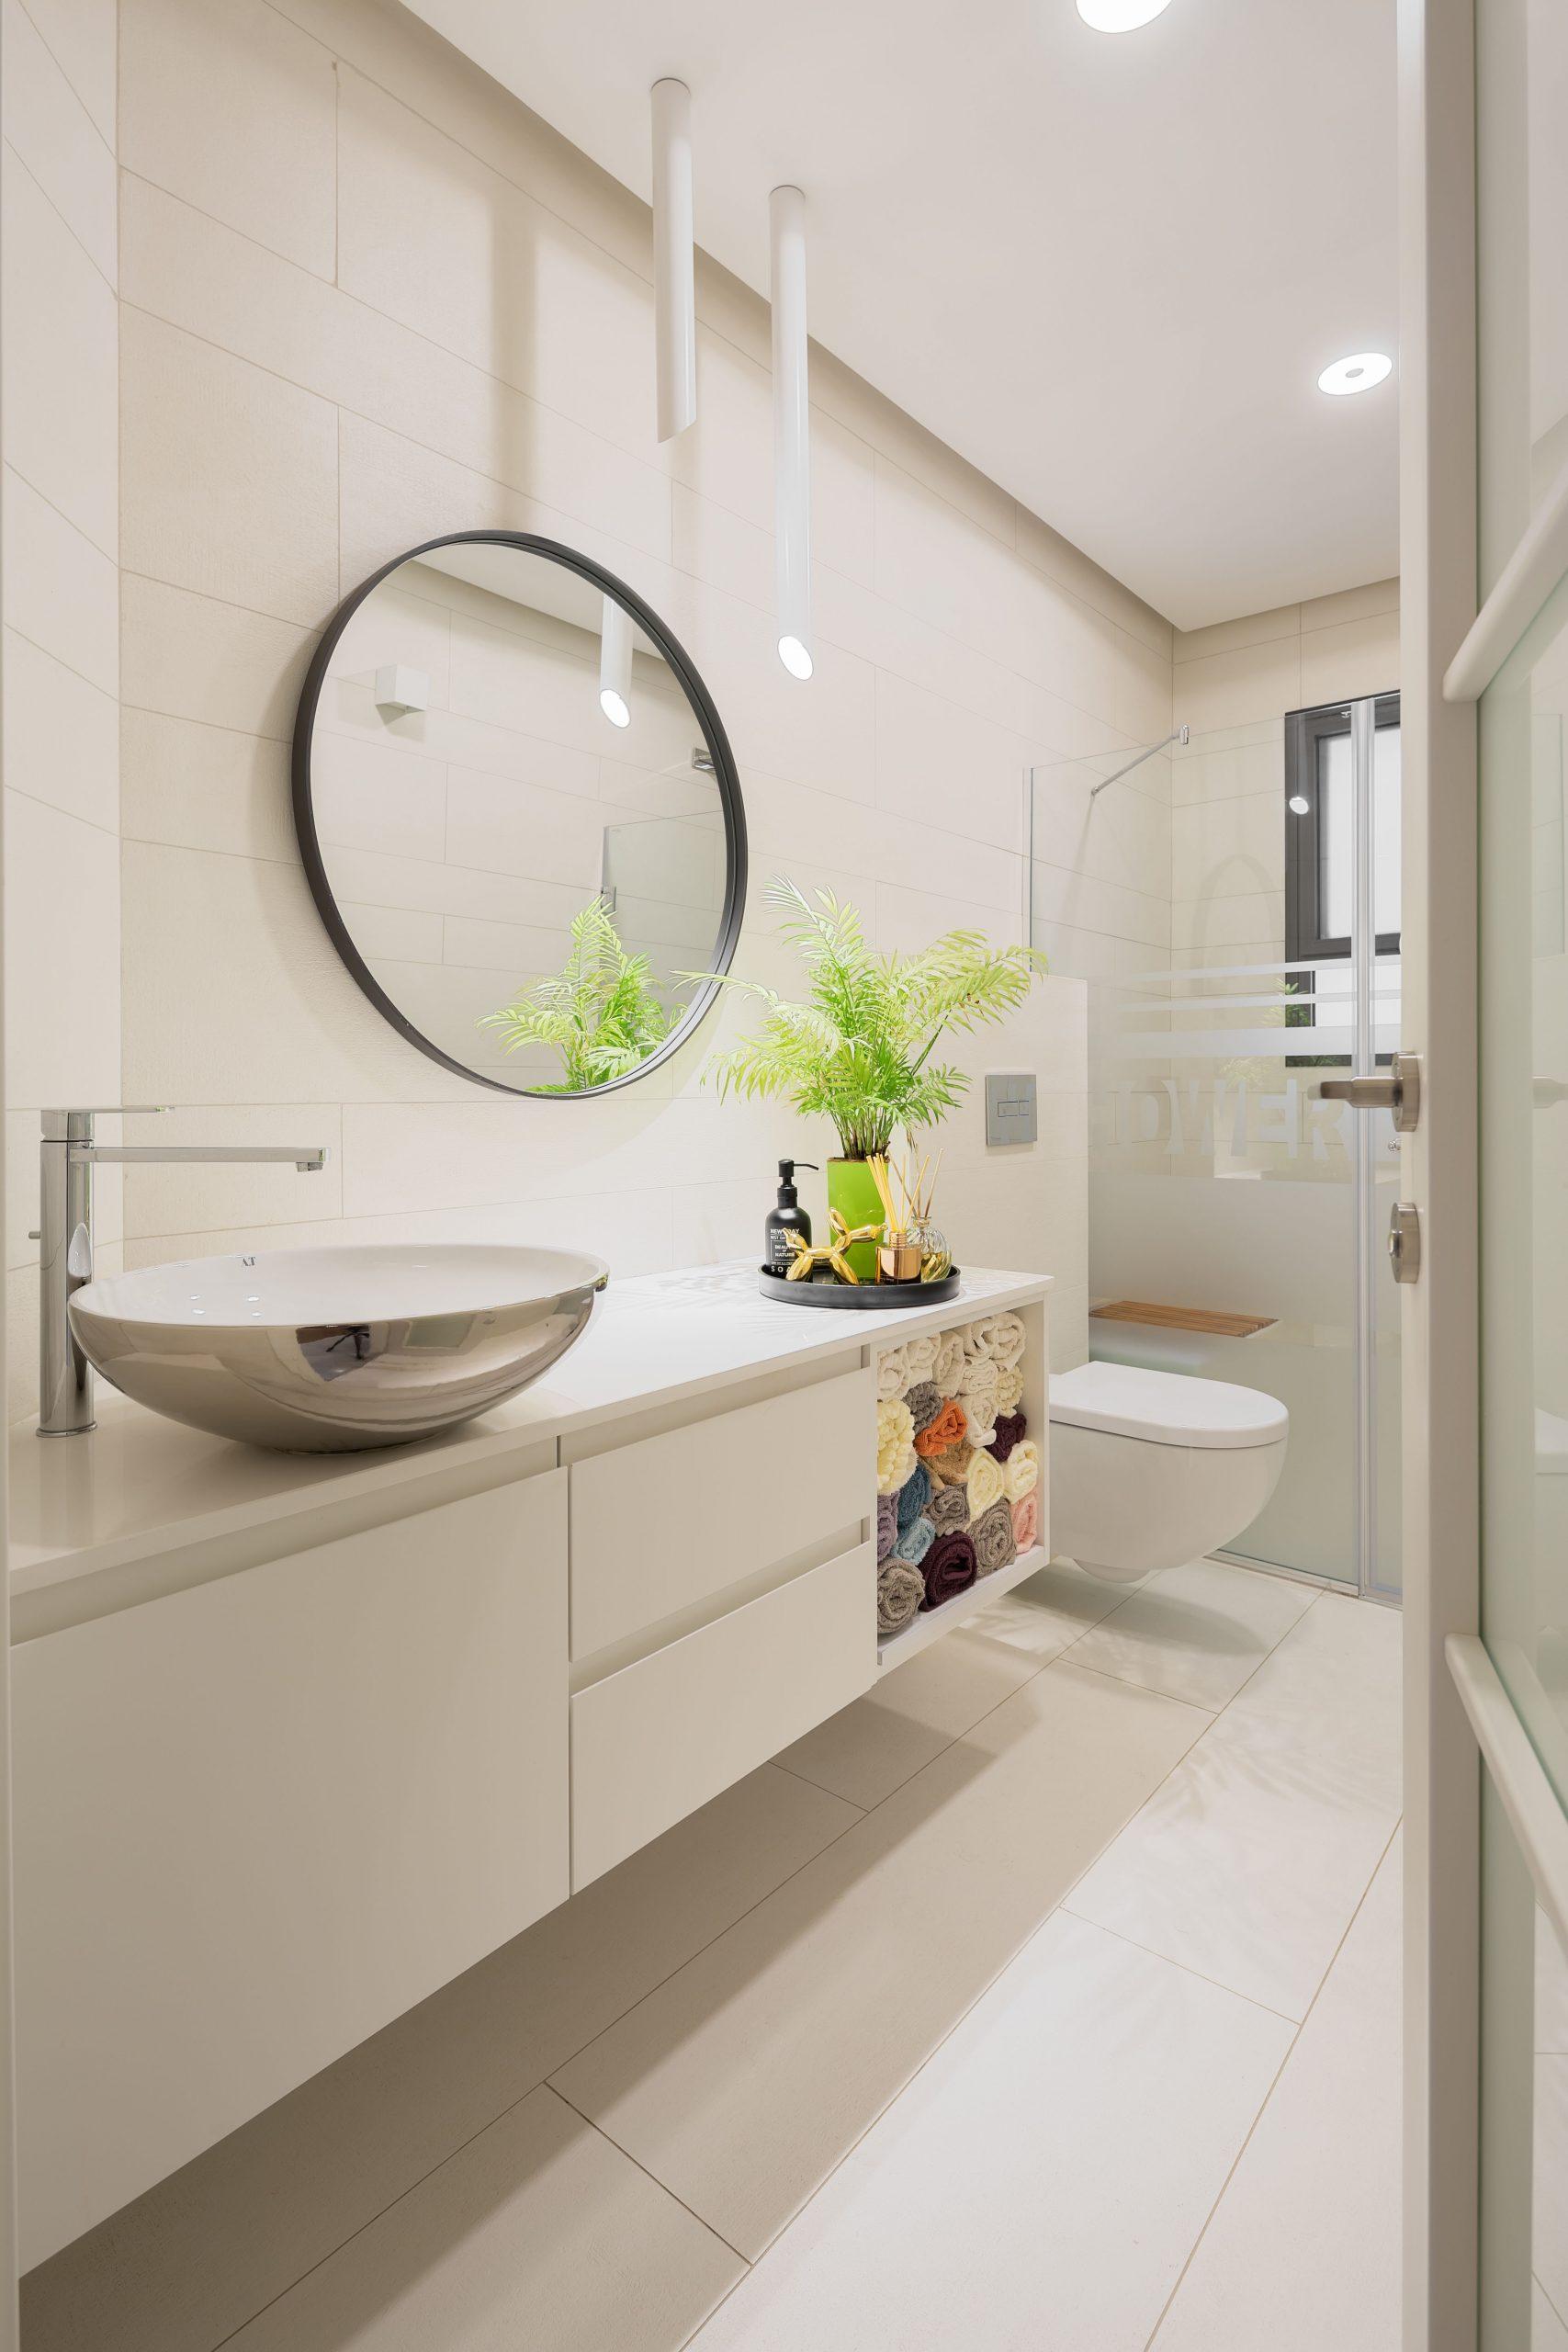 חדר מקלחת מעוצב לבן עם תאורה מעוצבת מבית סיטי לייט